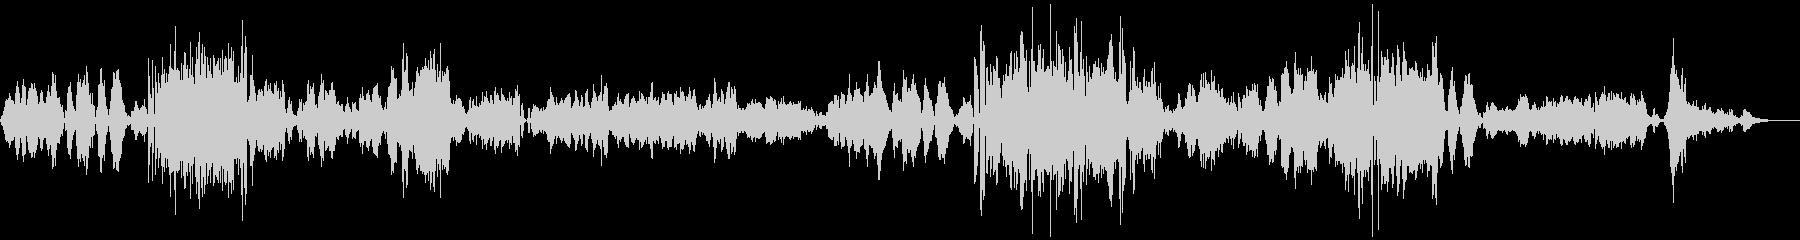 ブラームス/ヴァイオリン・ソナタ3-1の未再生の波形